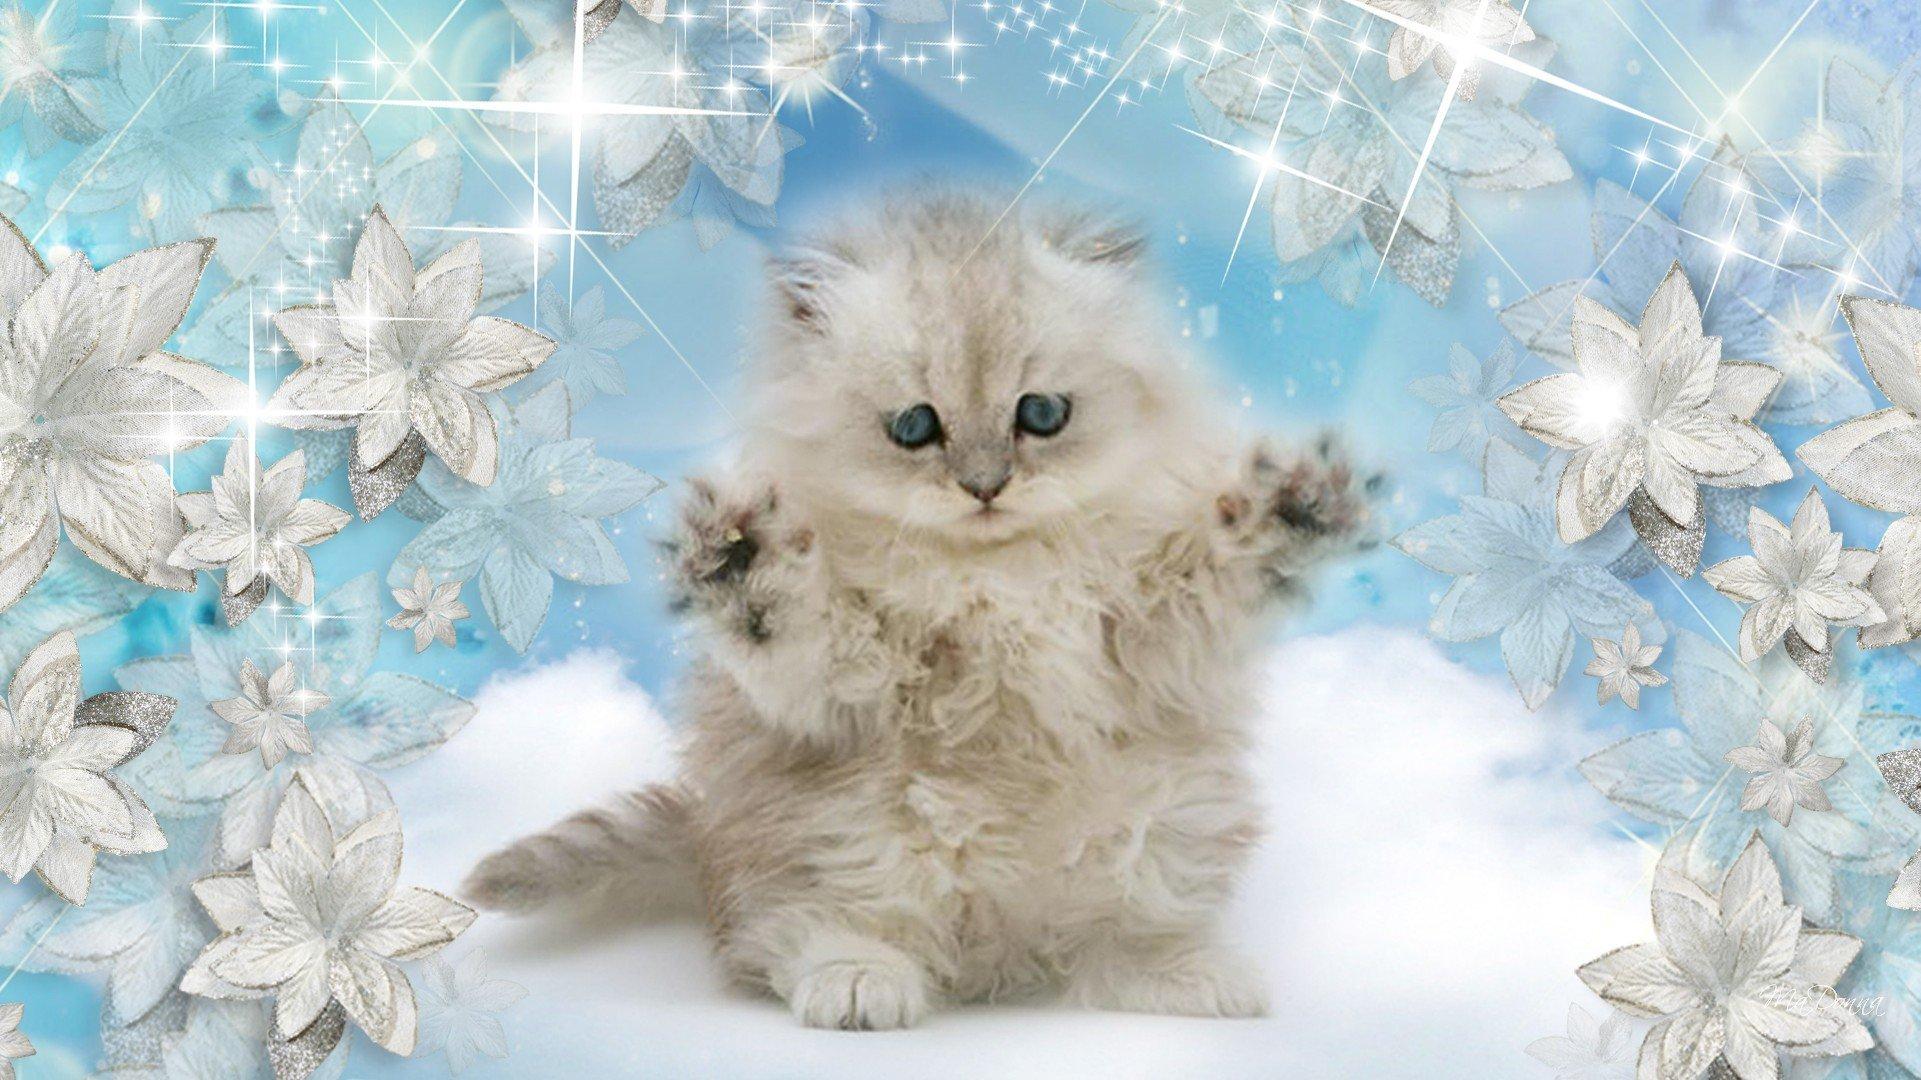 Falling Snow Wallpaper Widescreen Winter Snow Nature Landscape Baby Cat Kitten Wallpaper